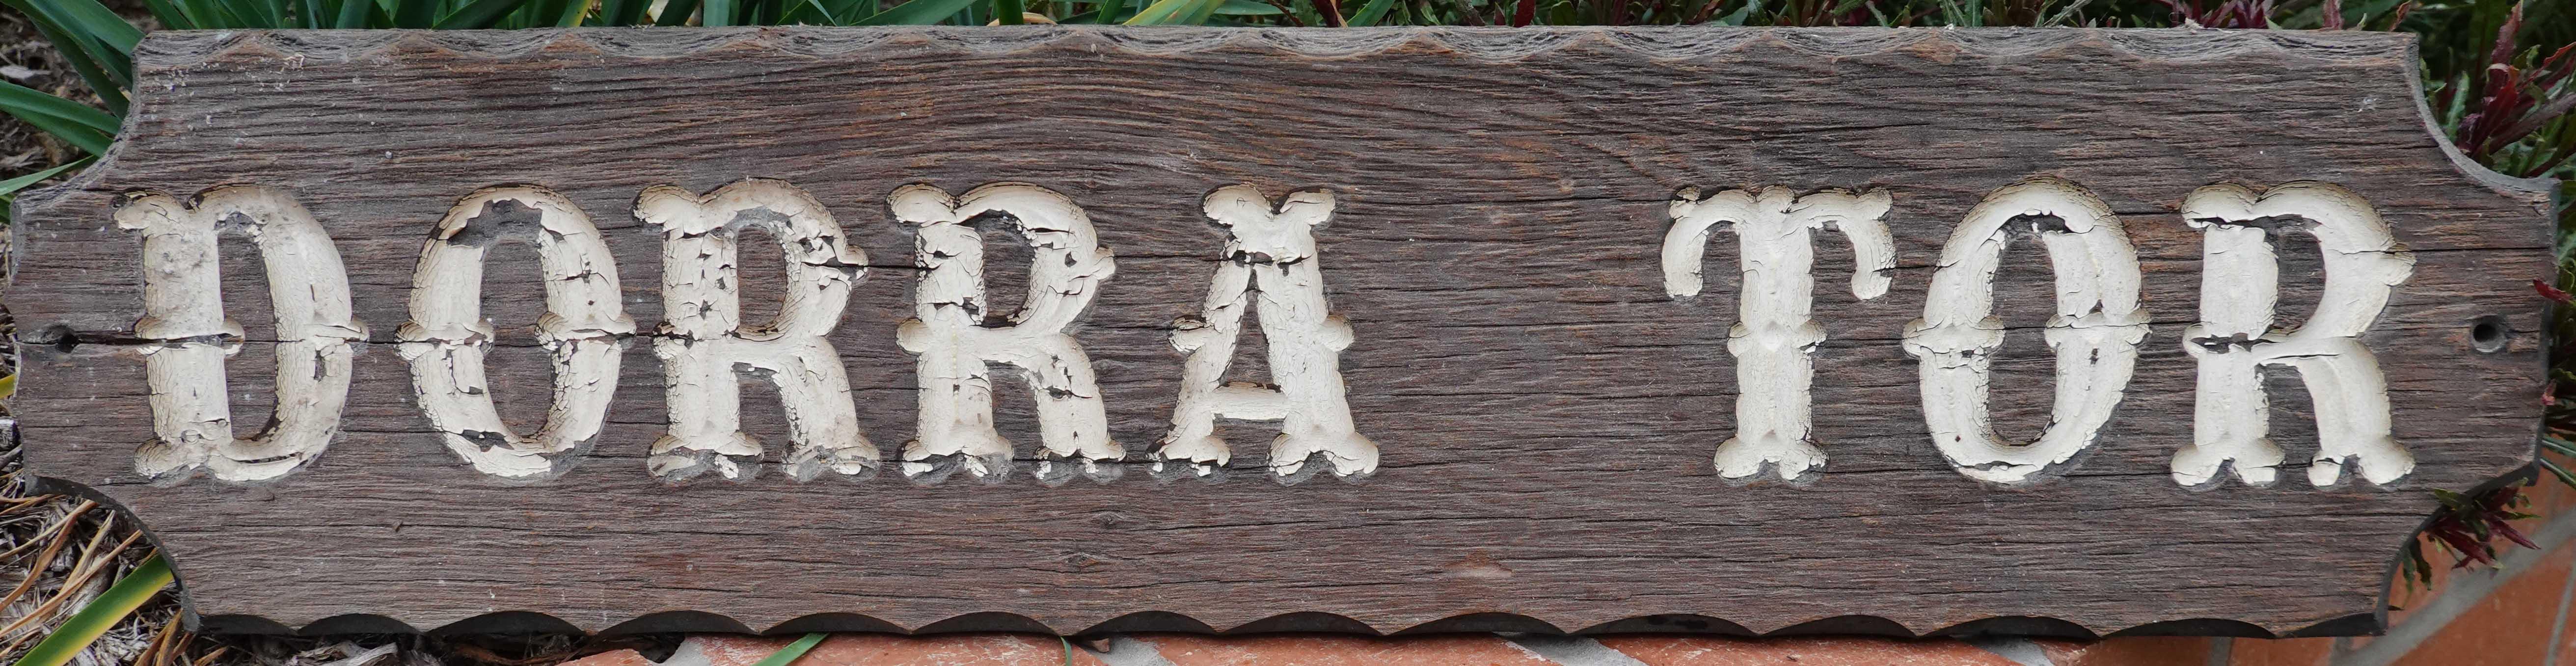 dorra tor name plate